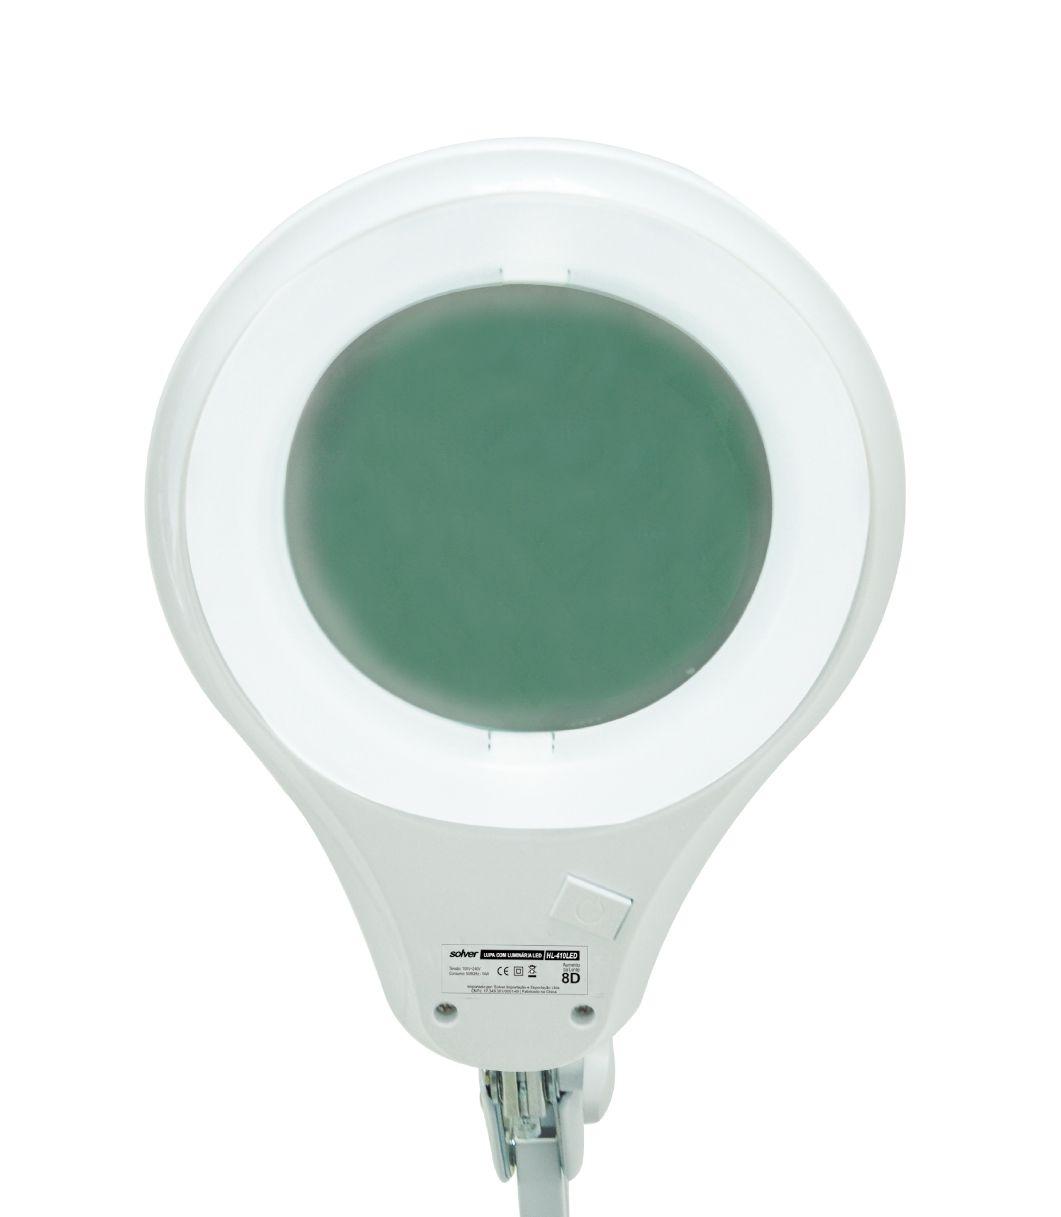 Lupa de Bancada Mesa 8x 60 leds 14w  4 Niveis Luz  Hl-410 Solver  - EMPORIO K